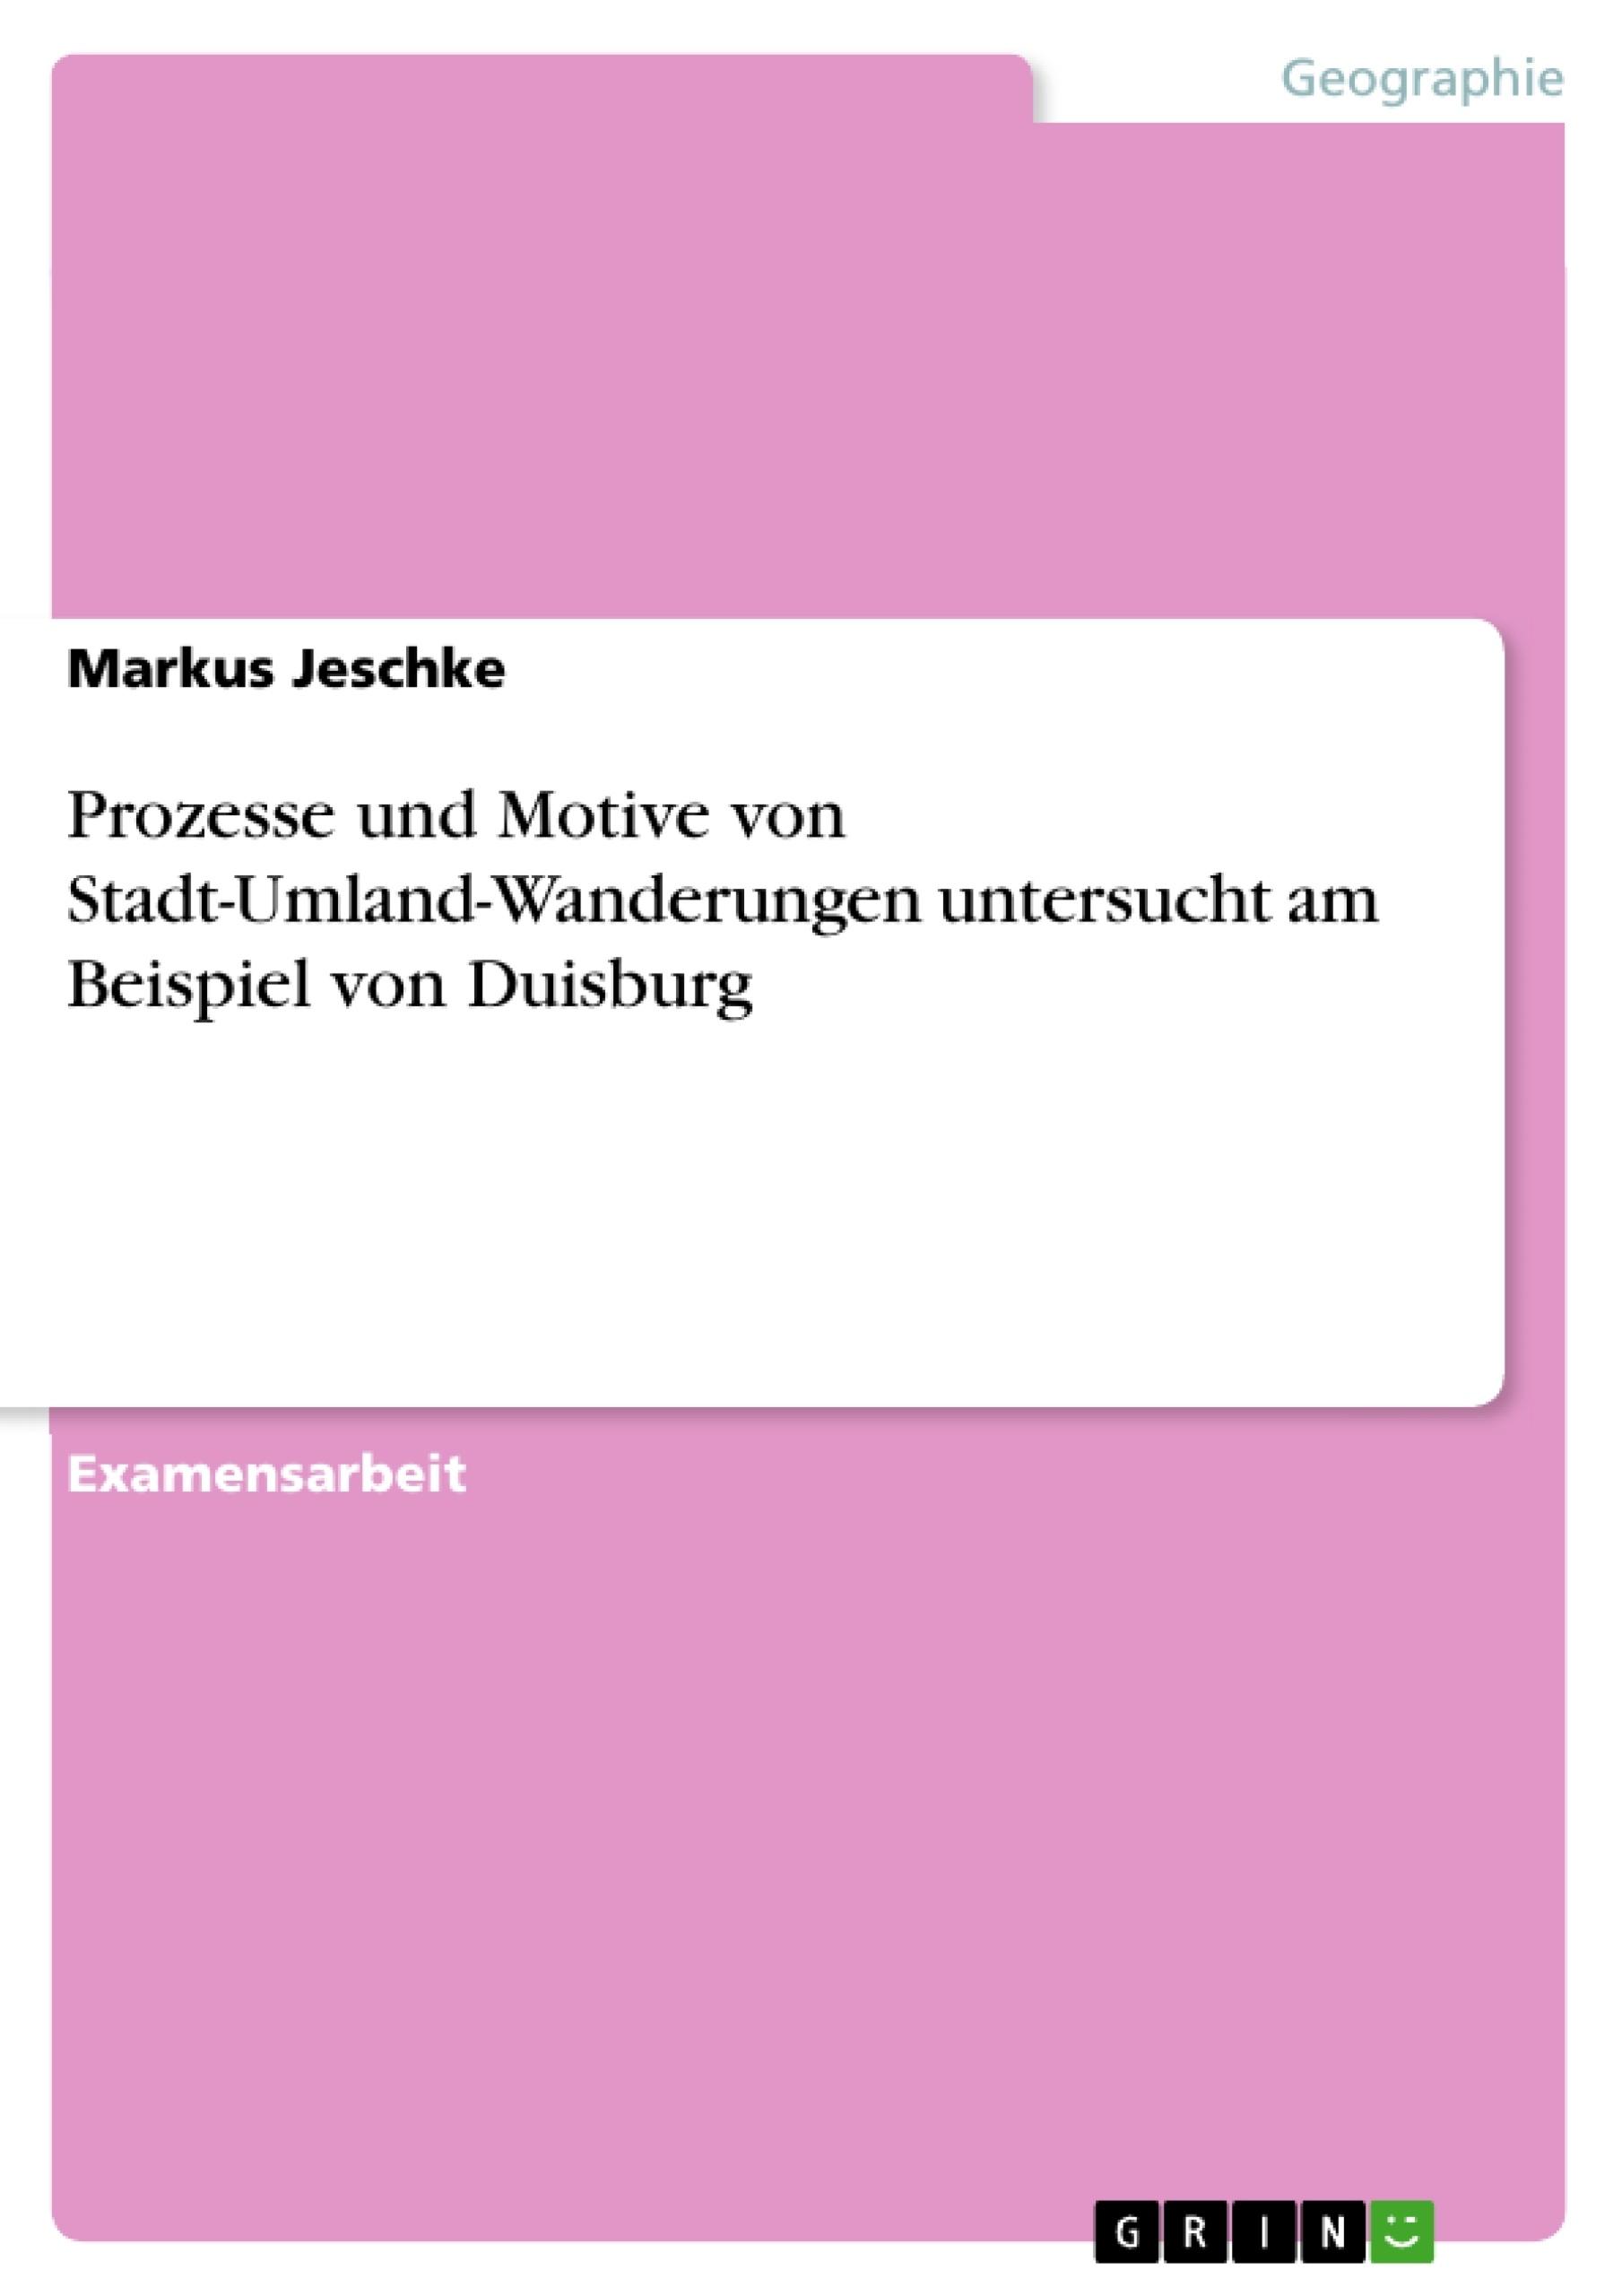 Titel: Prozesse und Motive von Stadt-Umland-Wanderungen untersucht am Beispiel von Duisburg